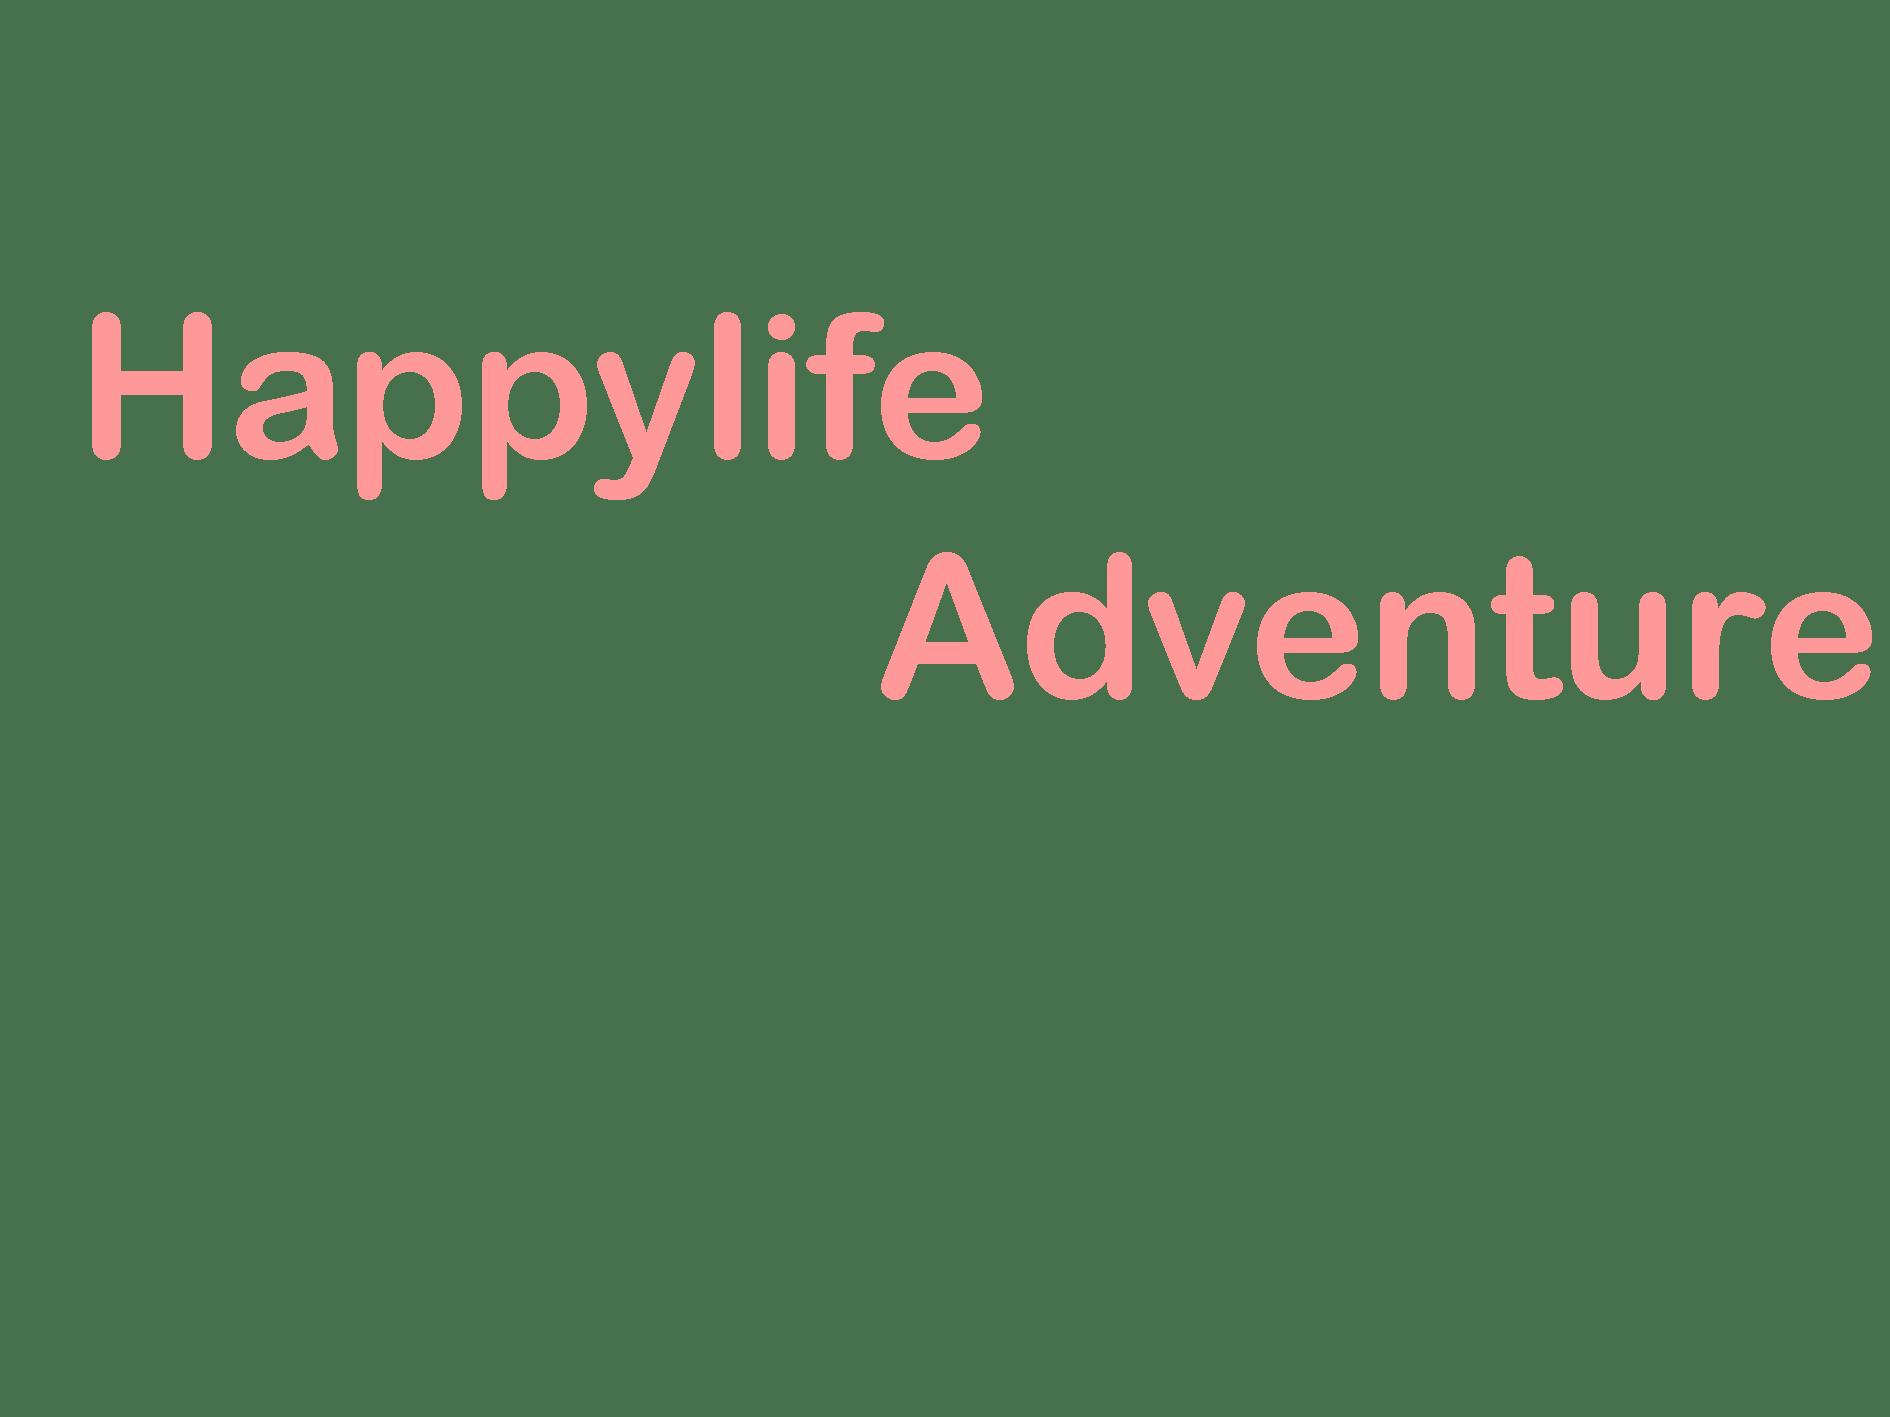 Happylifeadventure